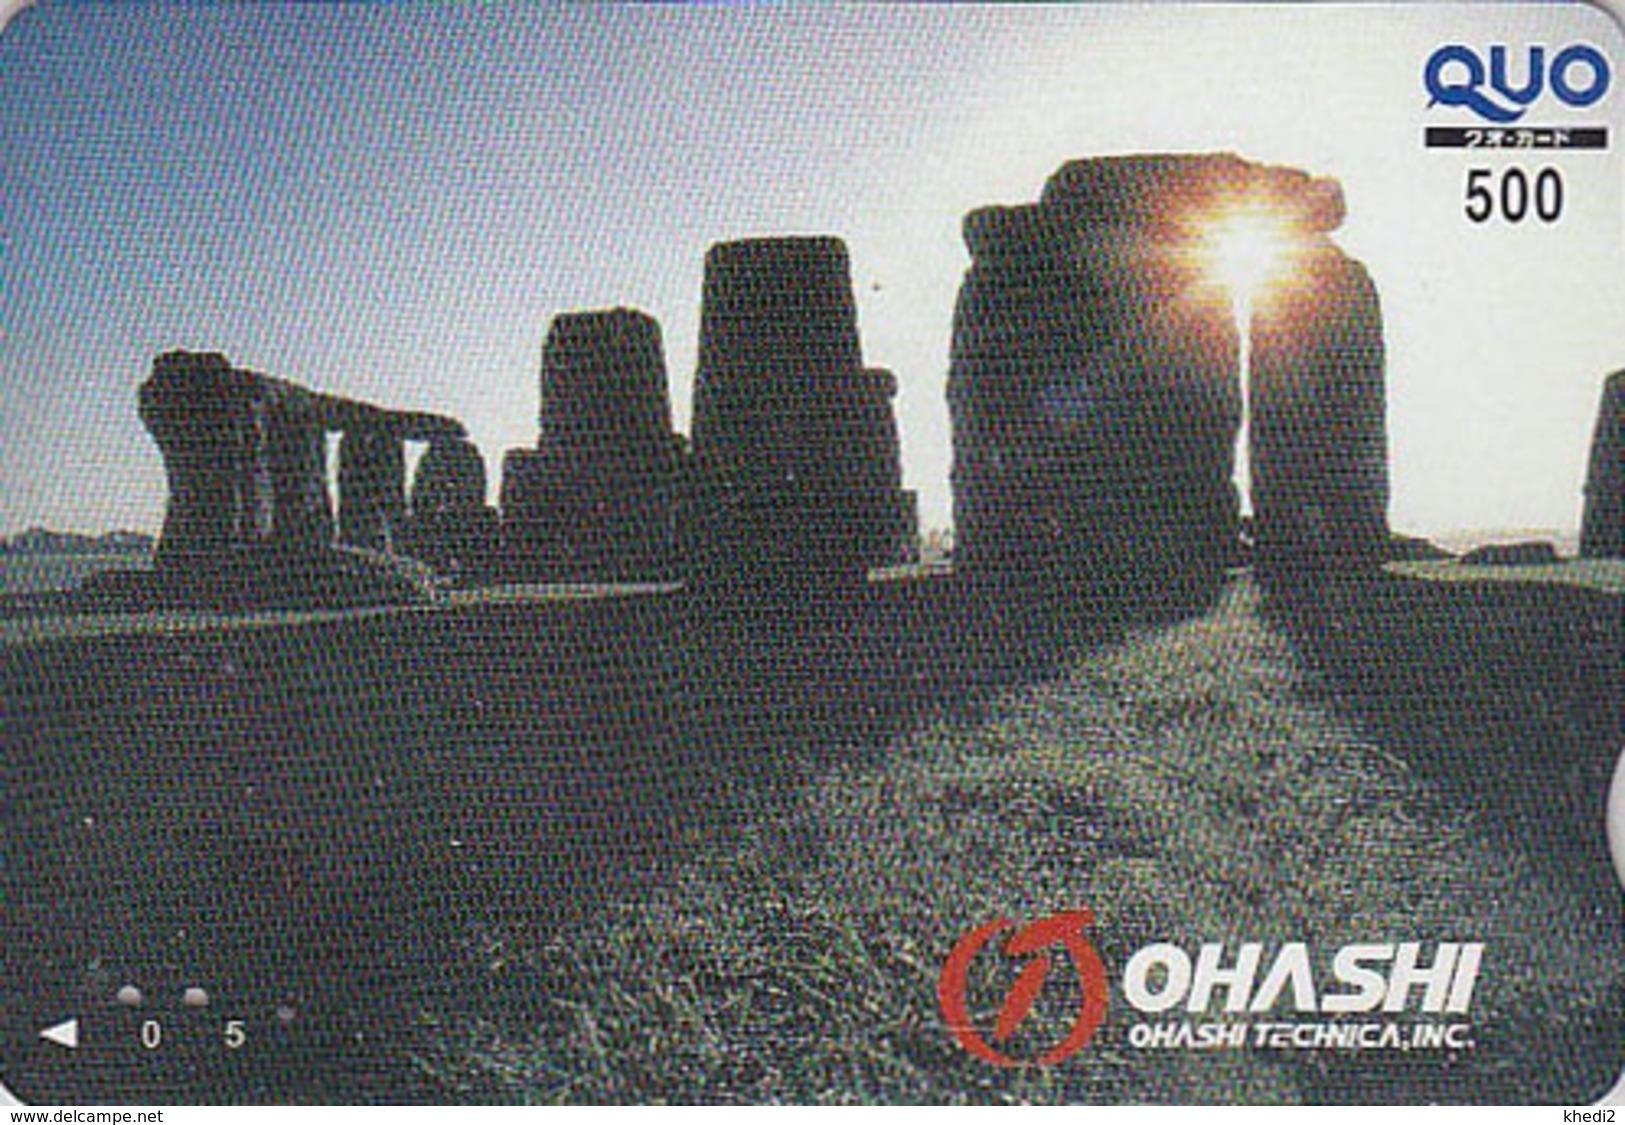 Carte Prépayée Japon - Archéologie Préhistoire Menhir - Site STONEHENGE England Rel. Japan Prepaid QUO Card  - 52 - Paysages